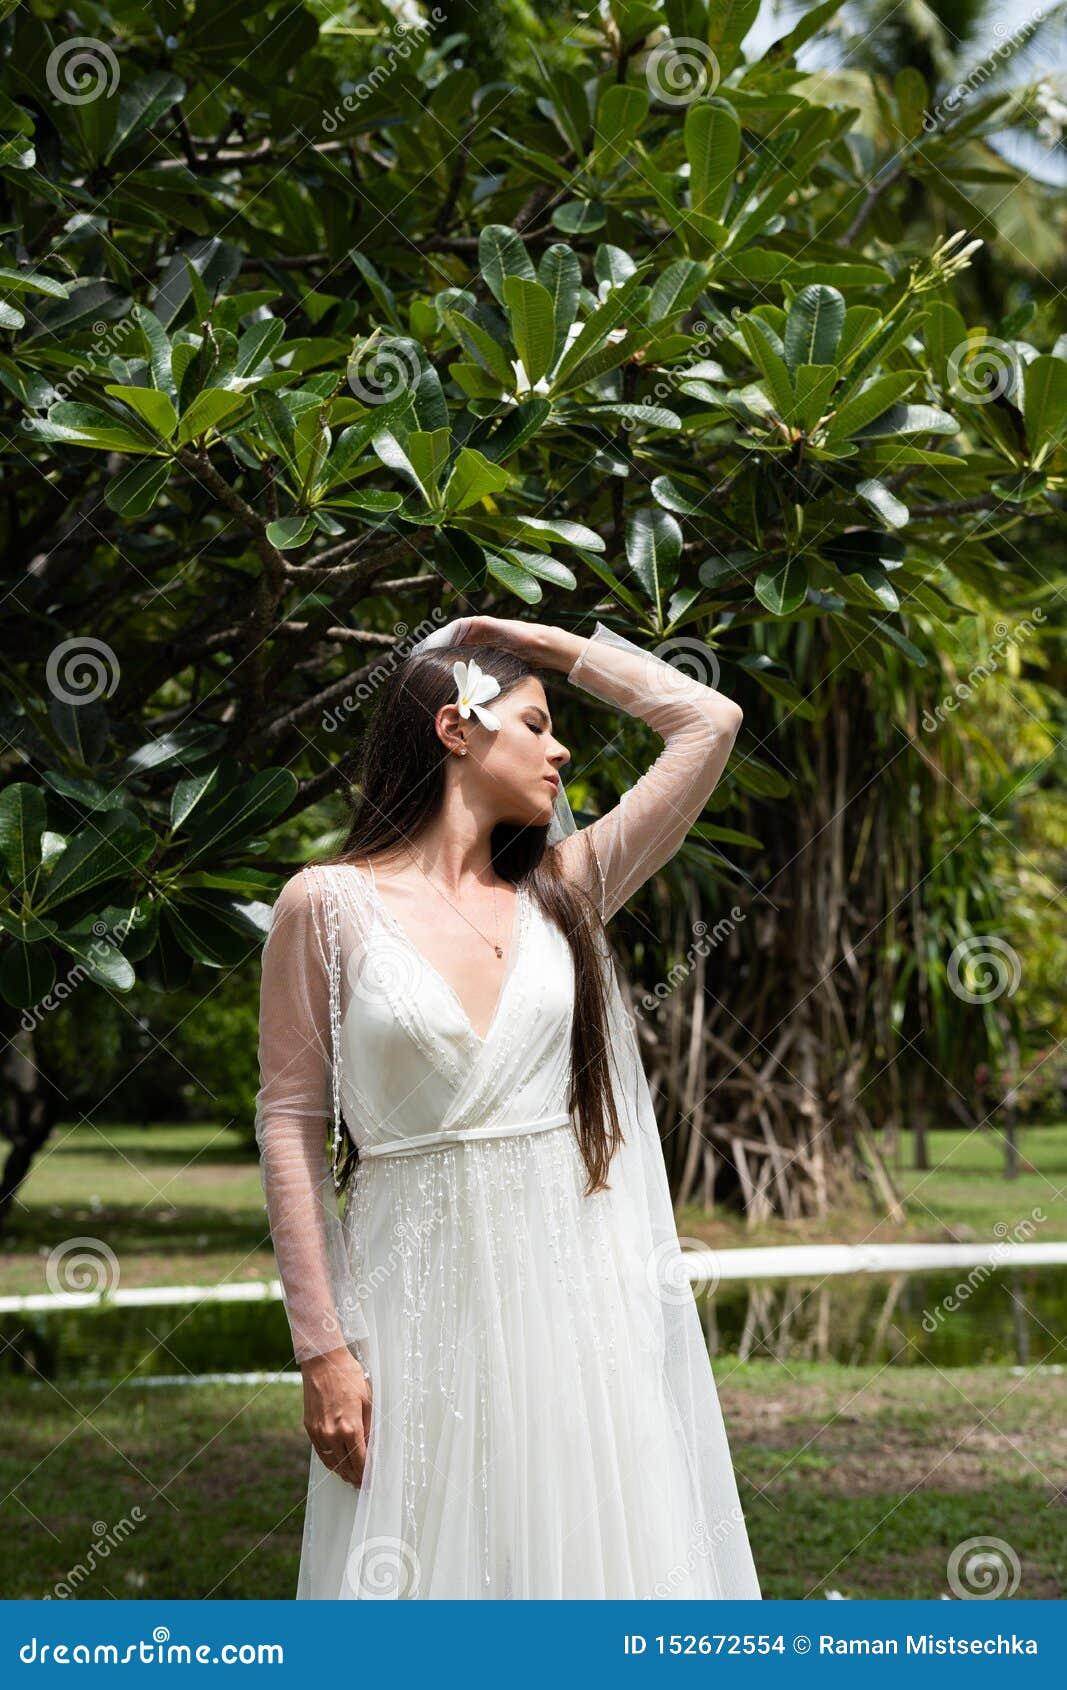 Une jeune mariée dans une robe blanche avec une fleur exotique dans ses cheveux se tient sous un arbre tropical fleurissant